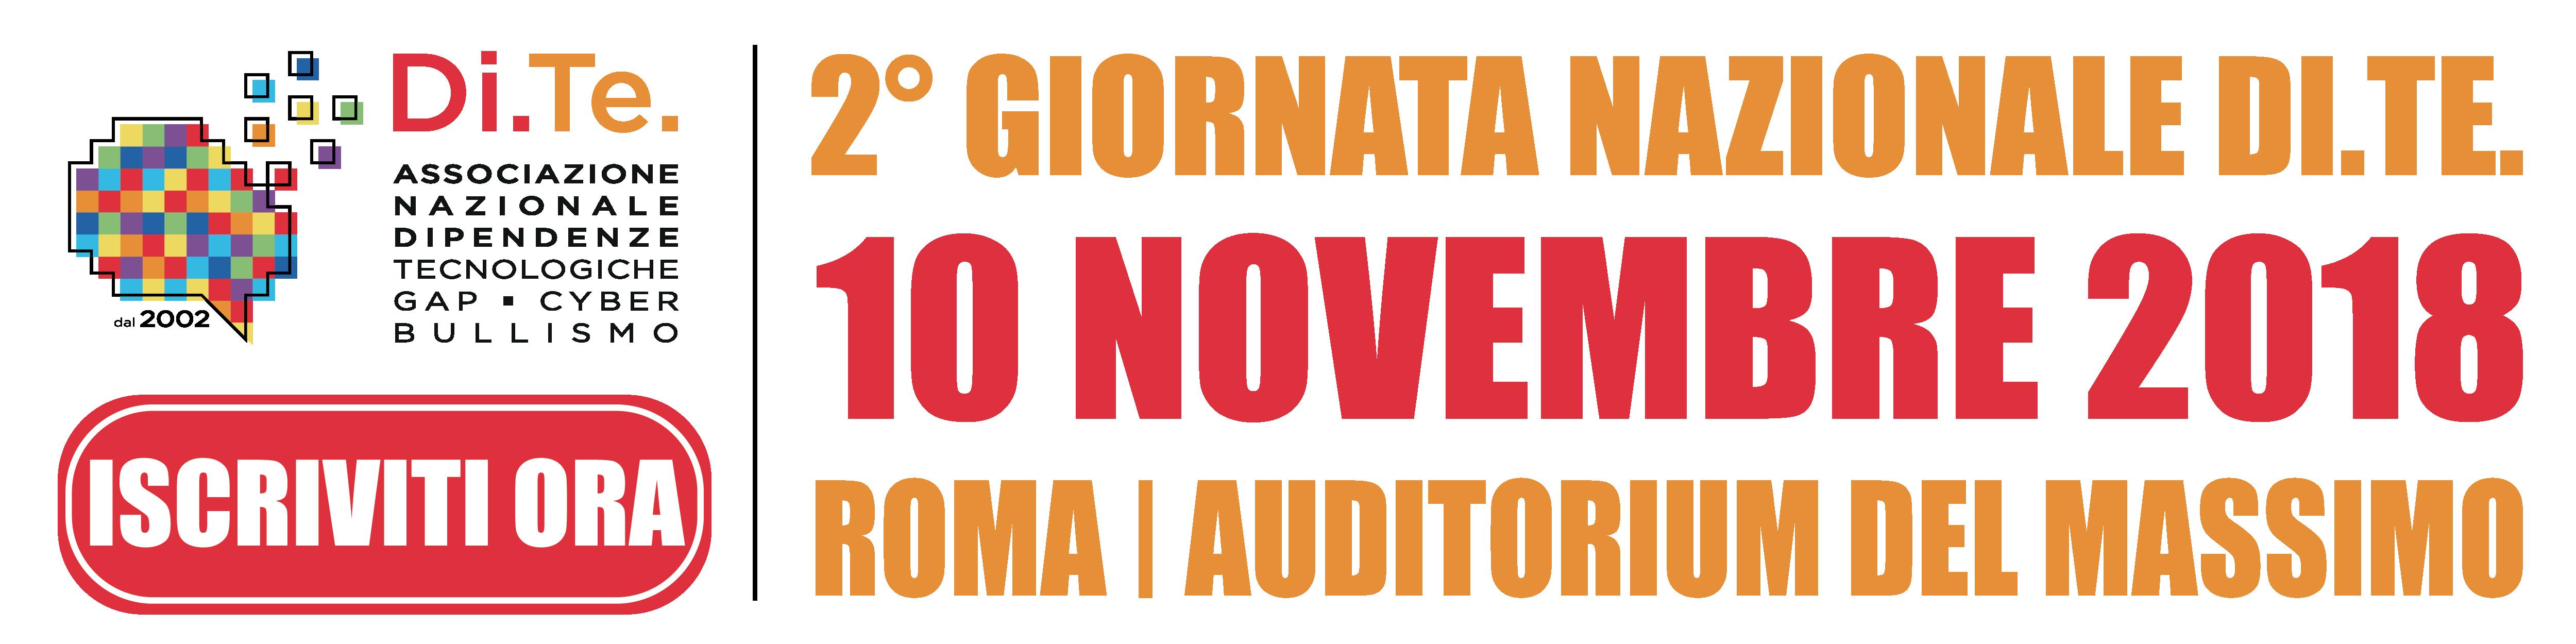 giornata nazionale dite a roma